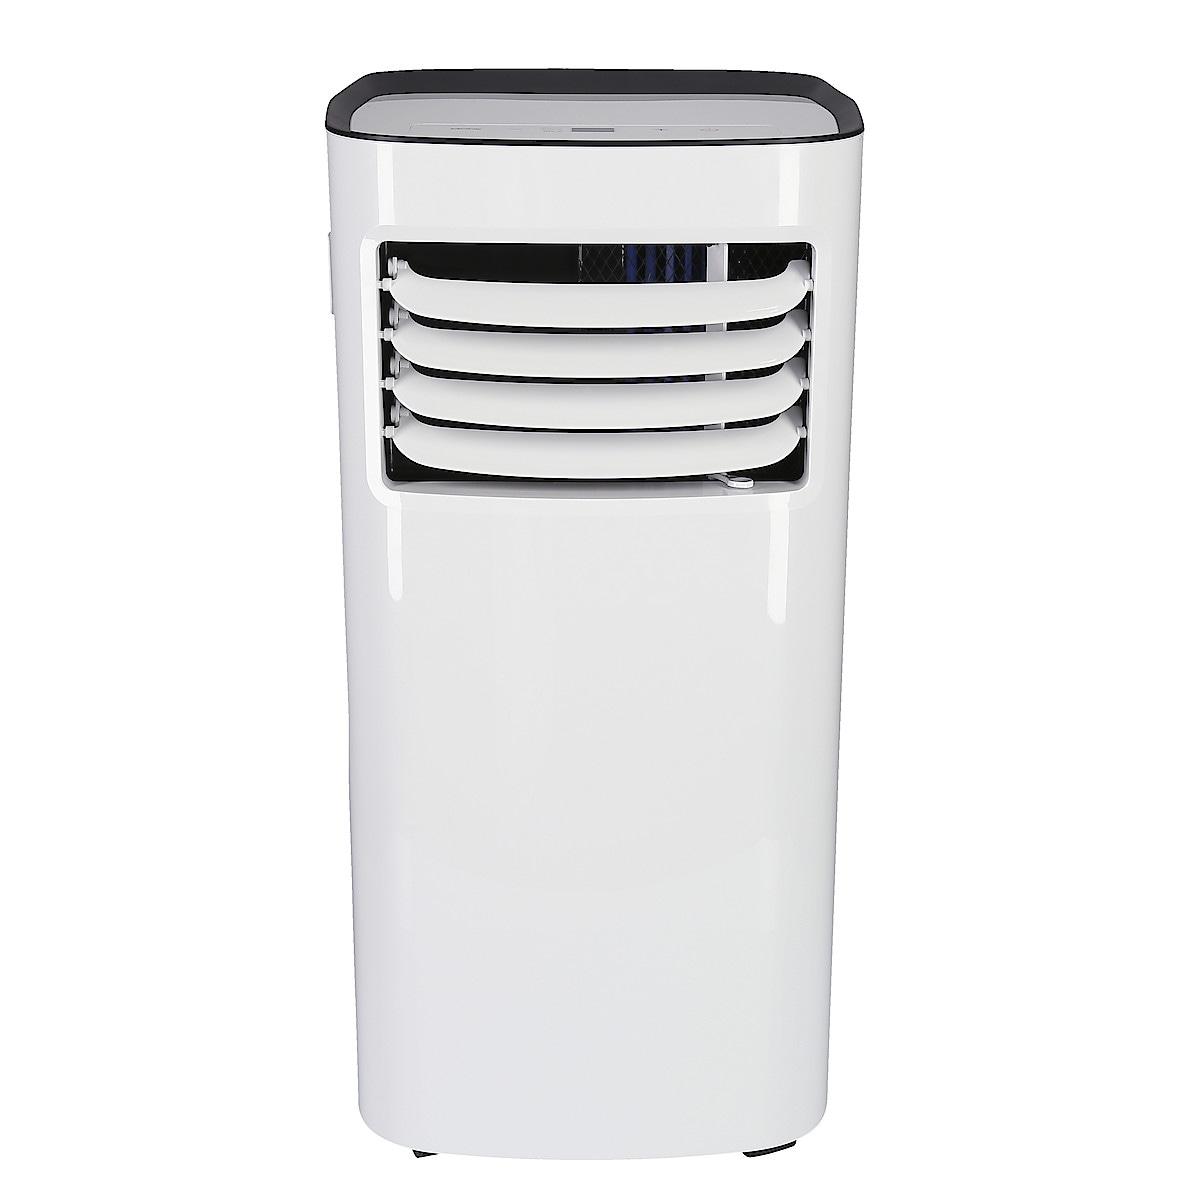 Cotech aircondition 16 m²